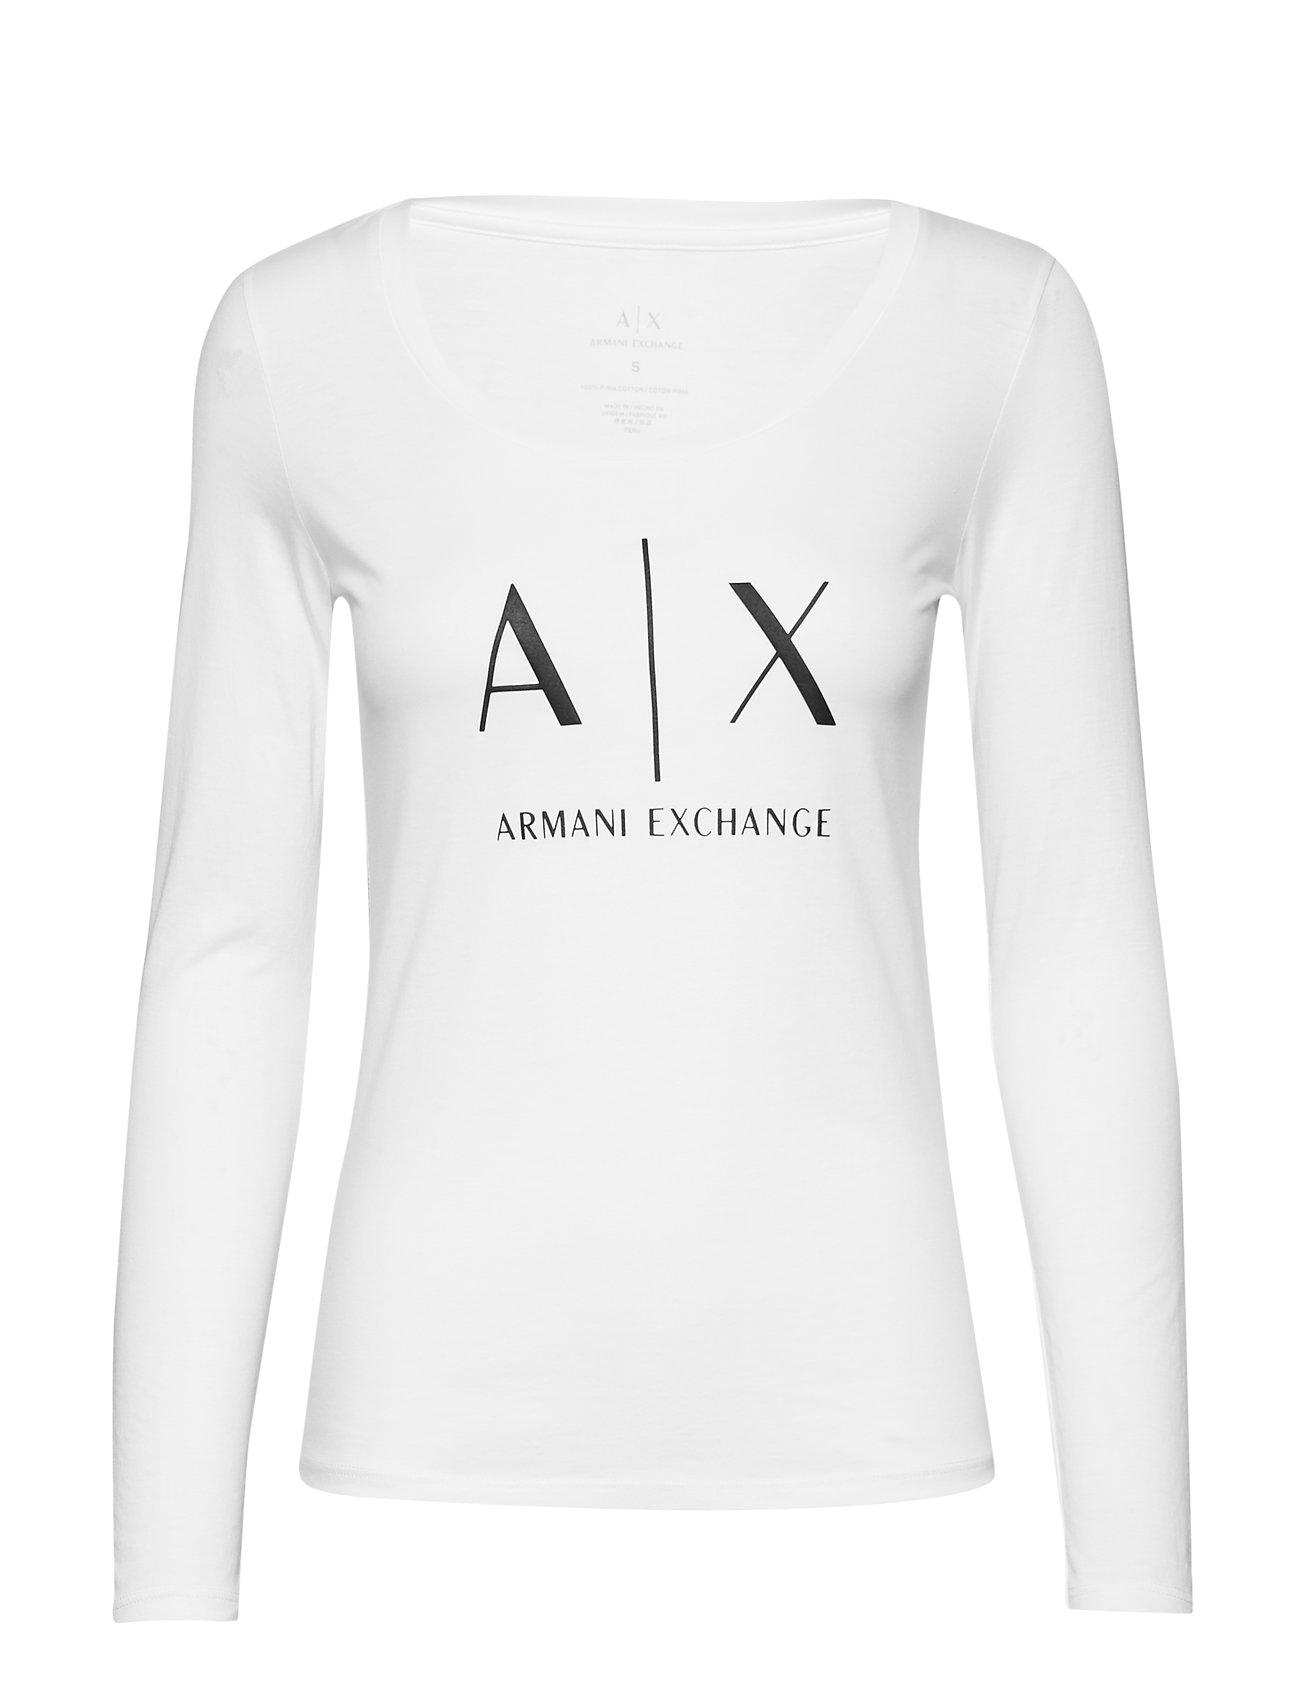 Image of Woman Jersey T-Shirt Langærmet T-shirt Hvid ARMANI EXCHANGE (3132352411)